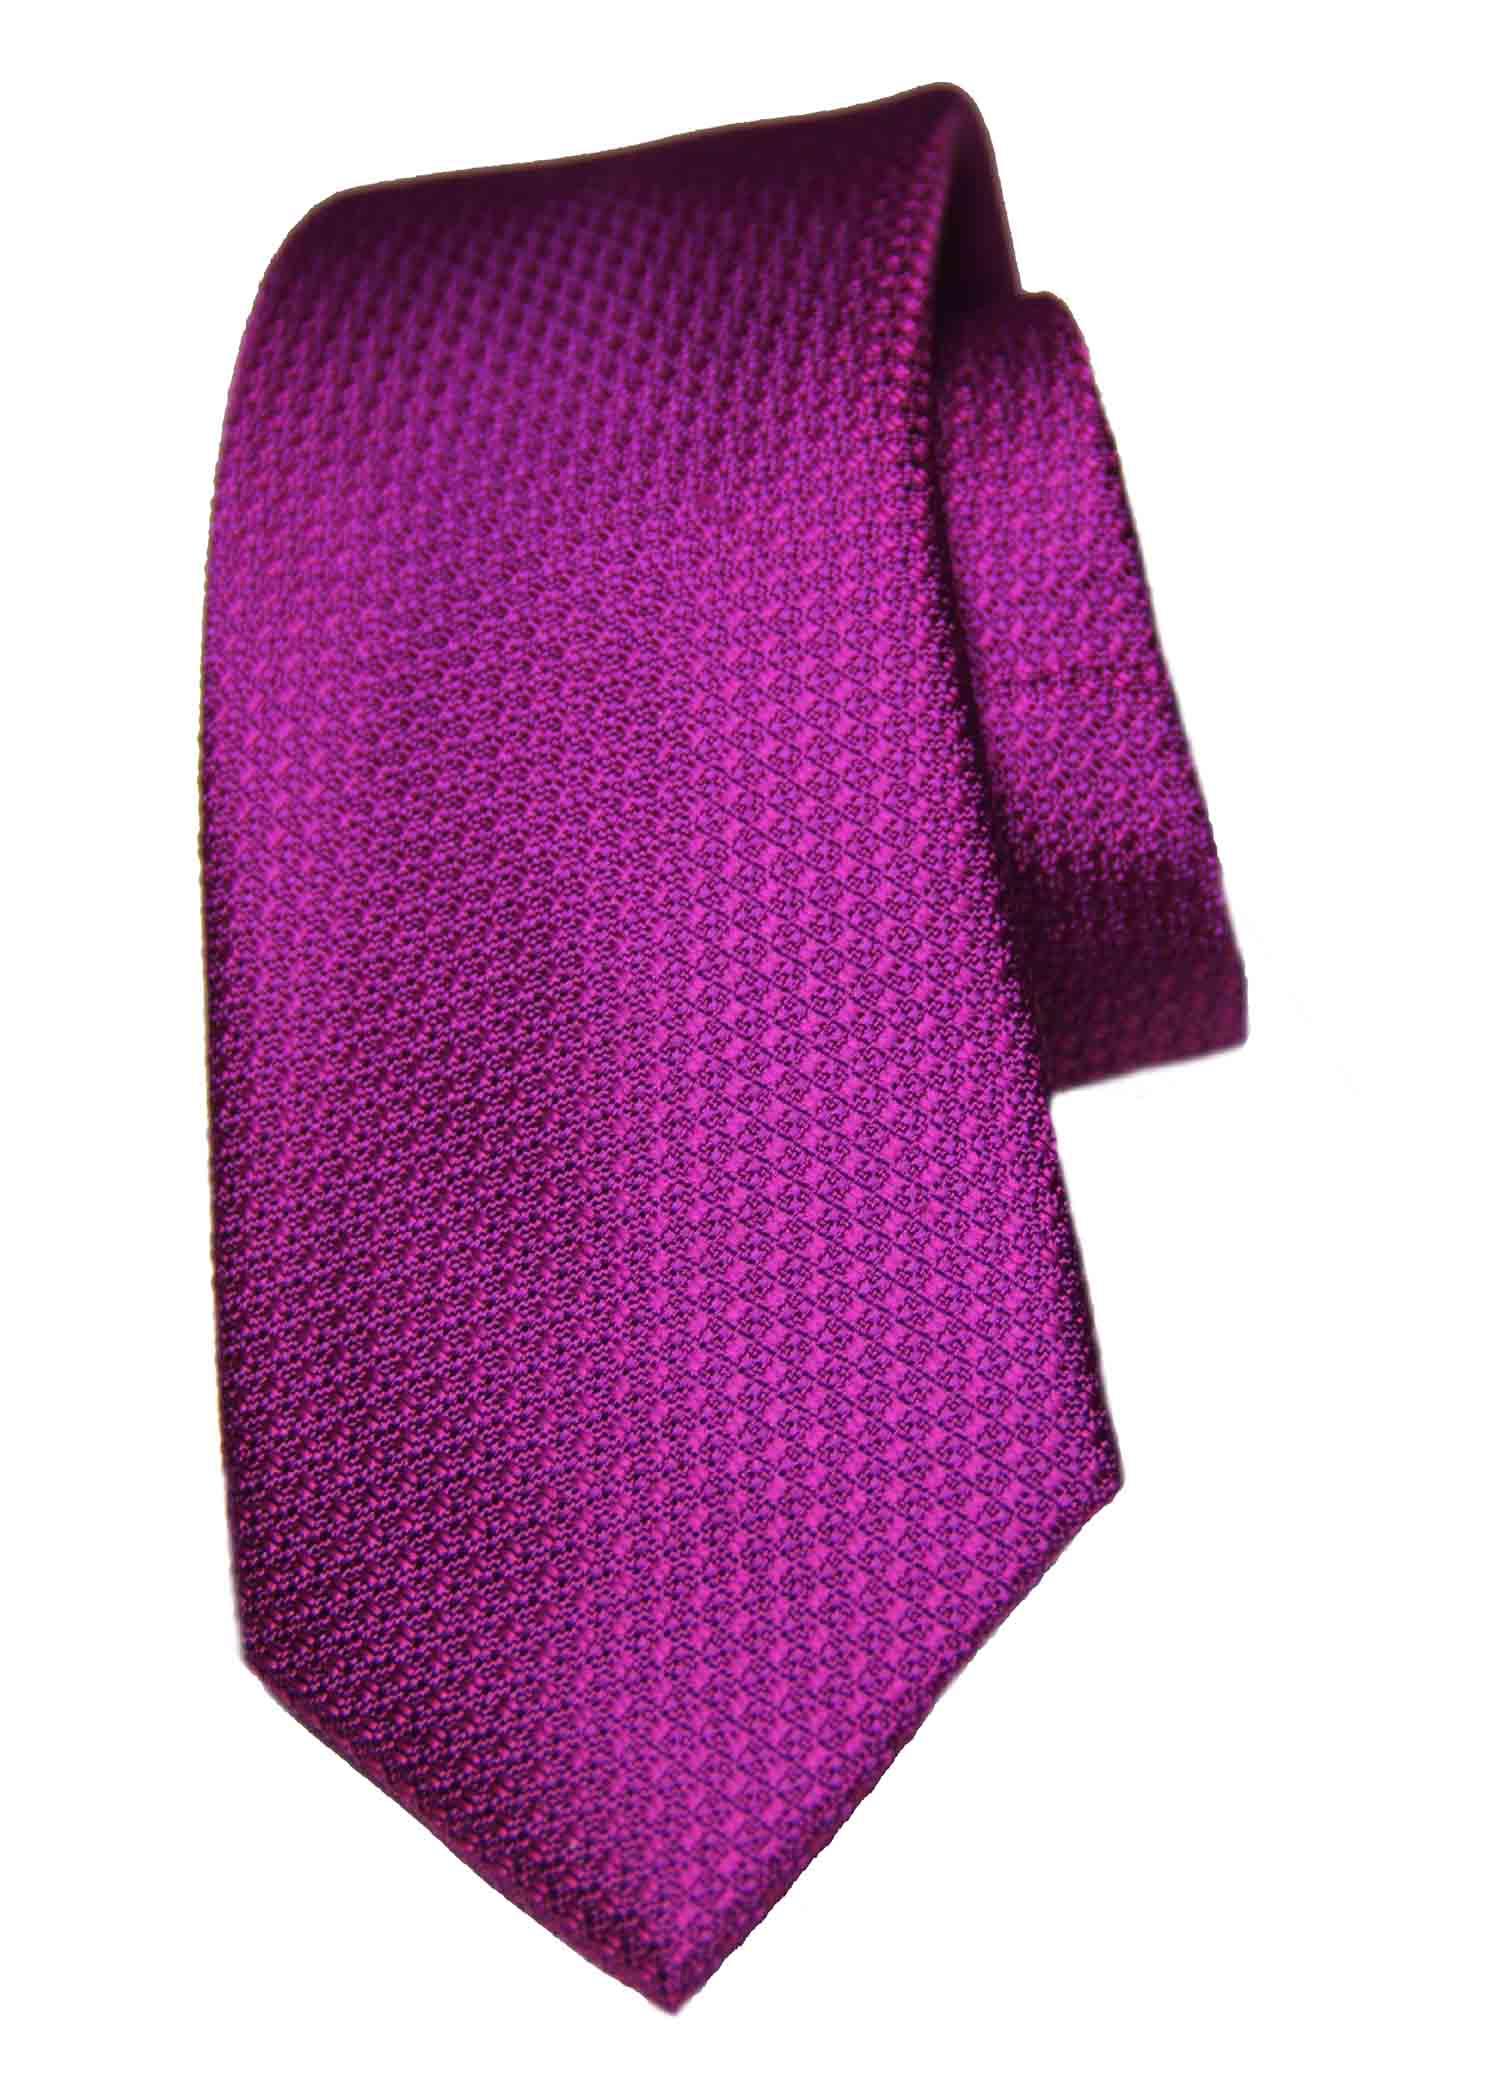 Ted Baker Silk Tie Purple Textured Men's